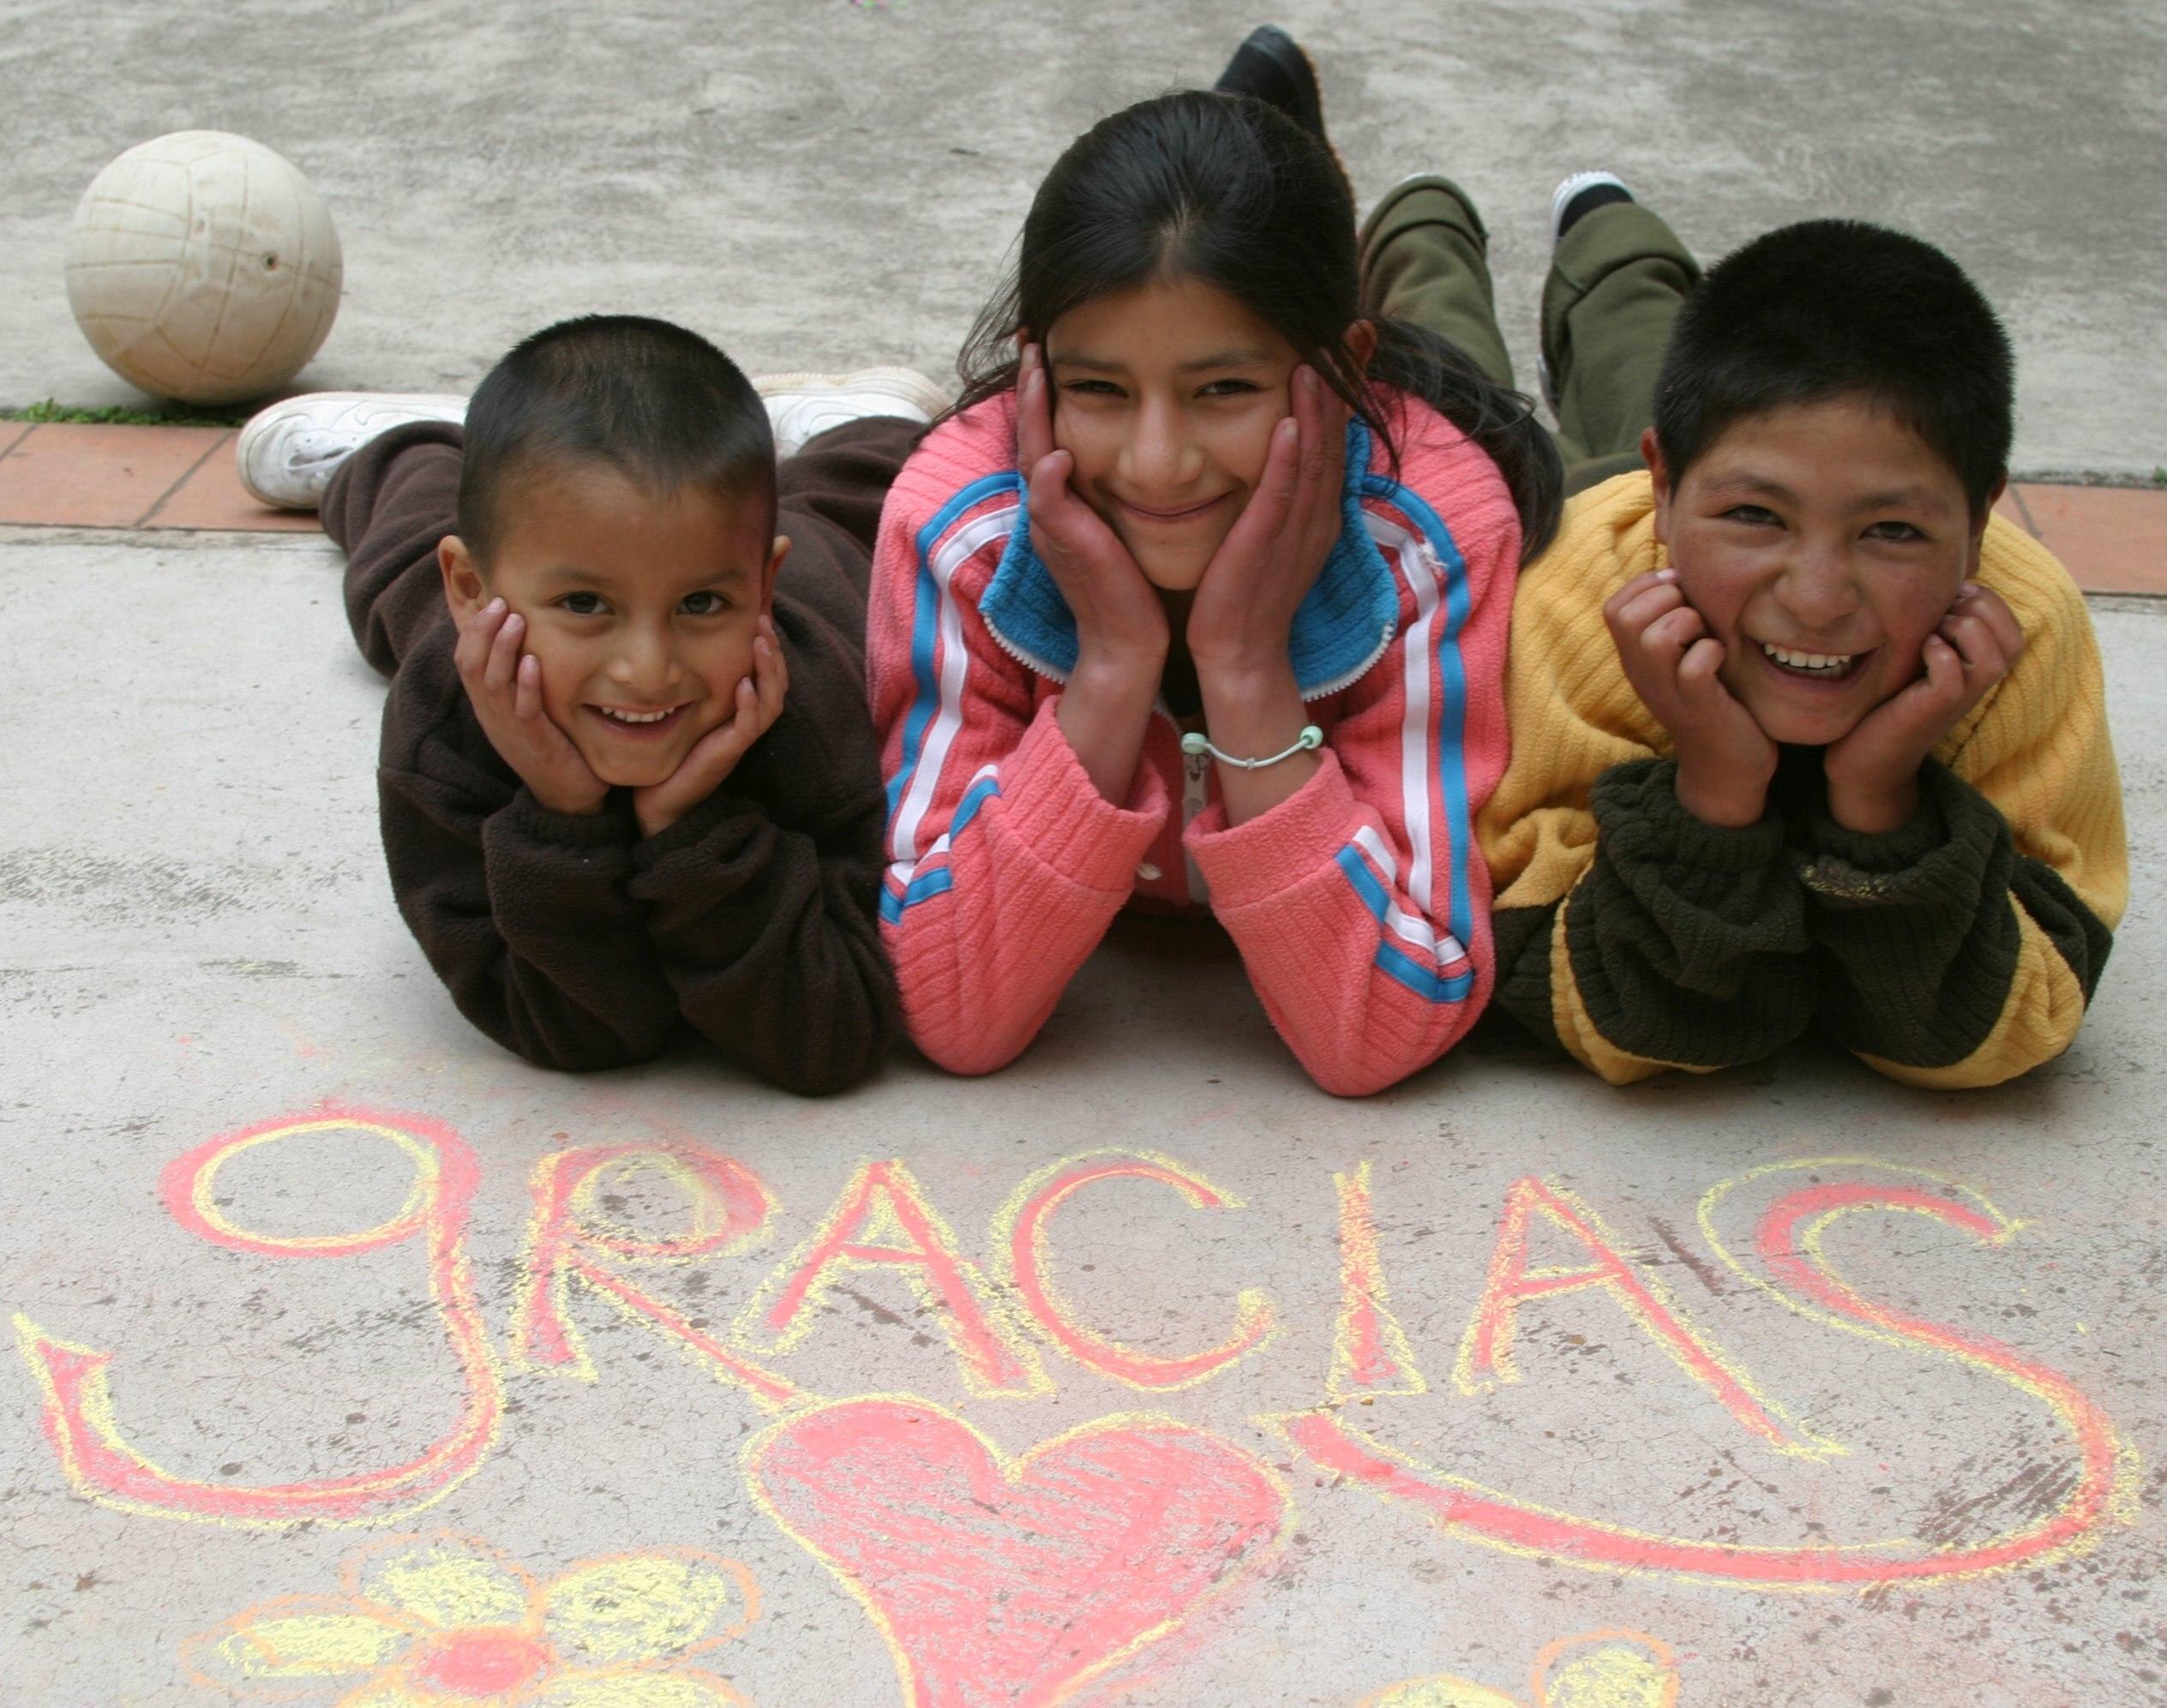 Vier lachende Kinder